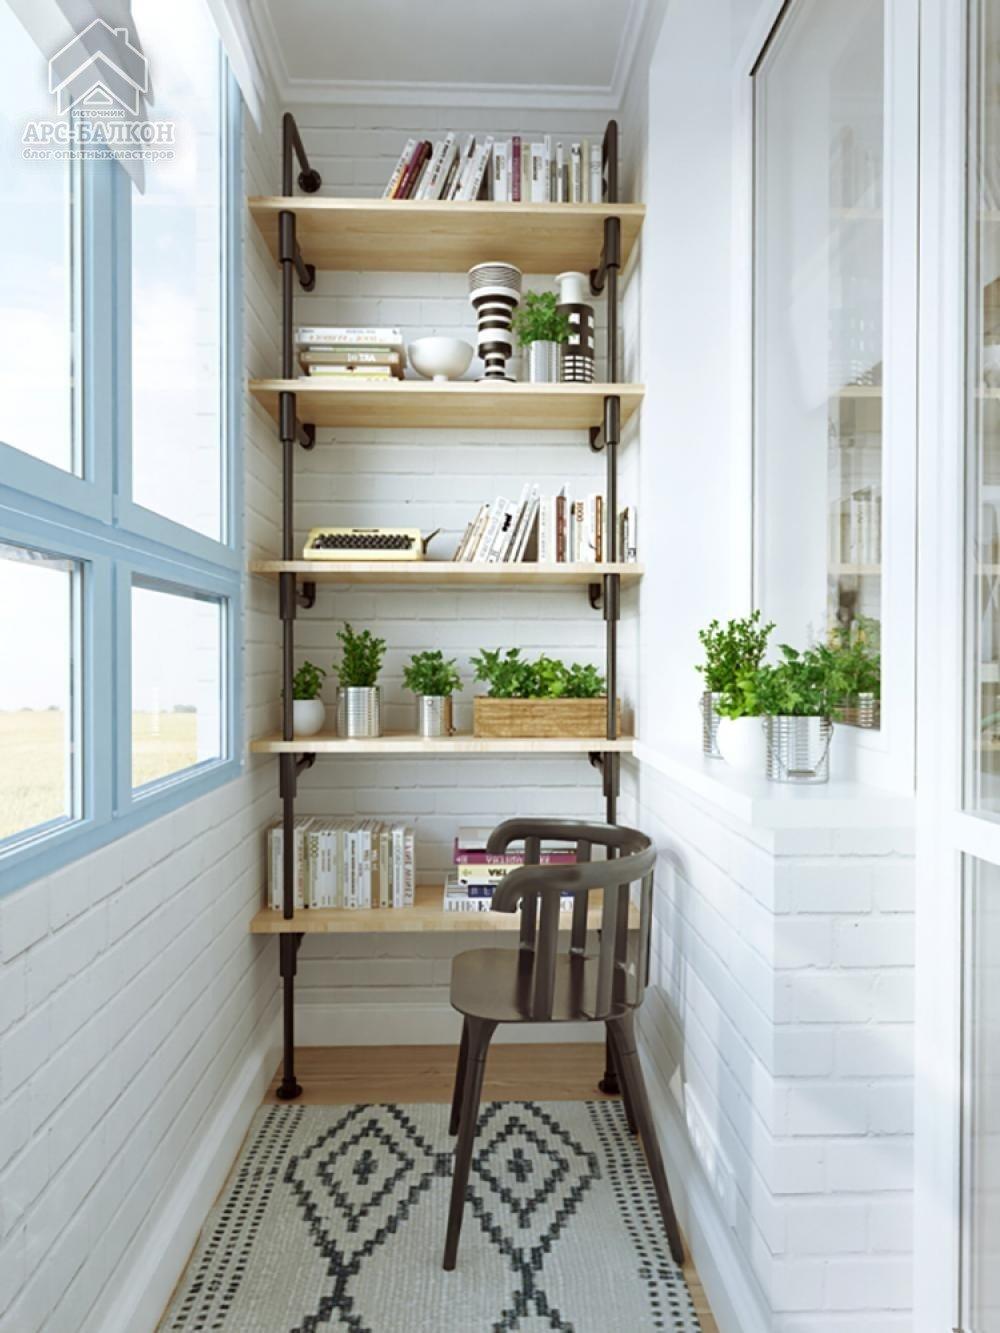 Открытый стеллаж из дерева, встроенный в боковую стену лоджи.